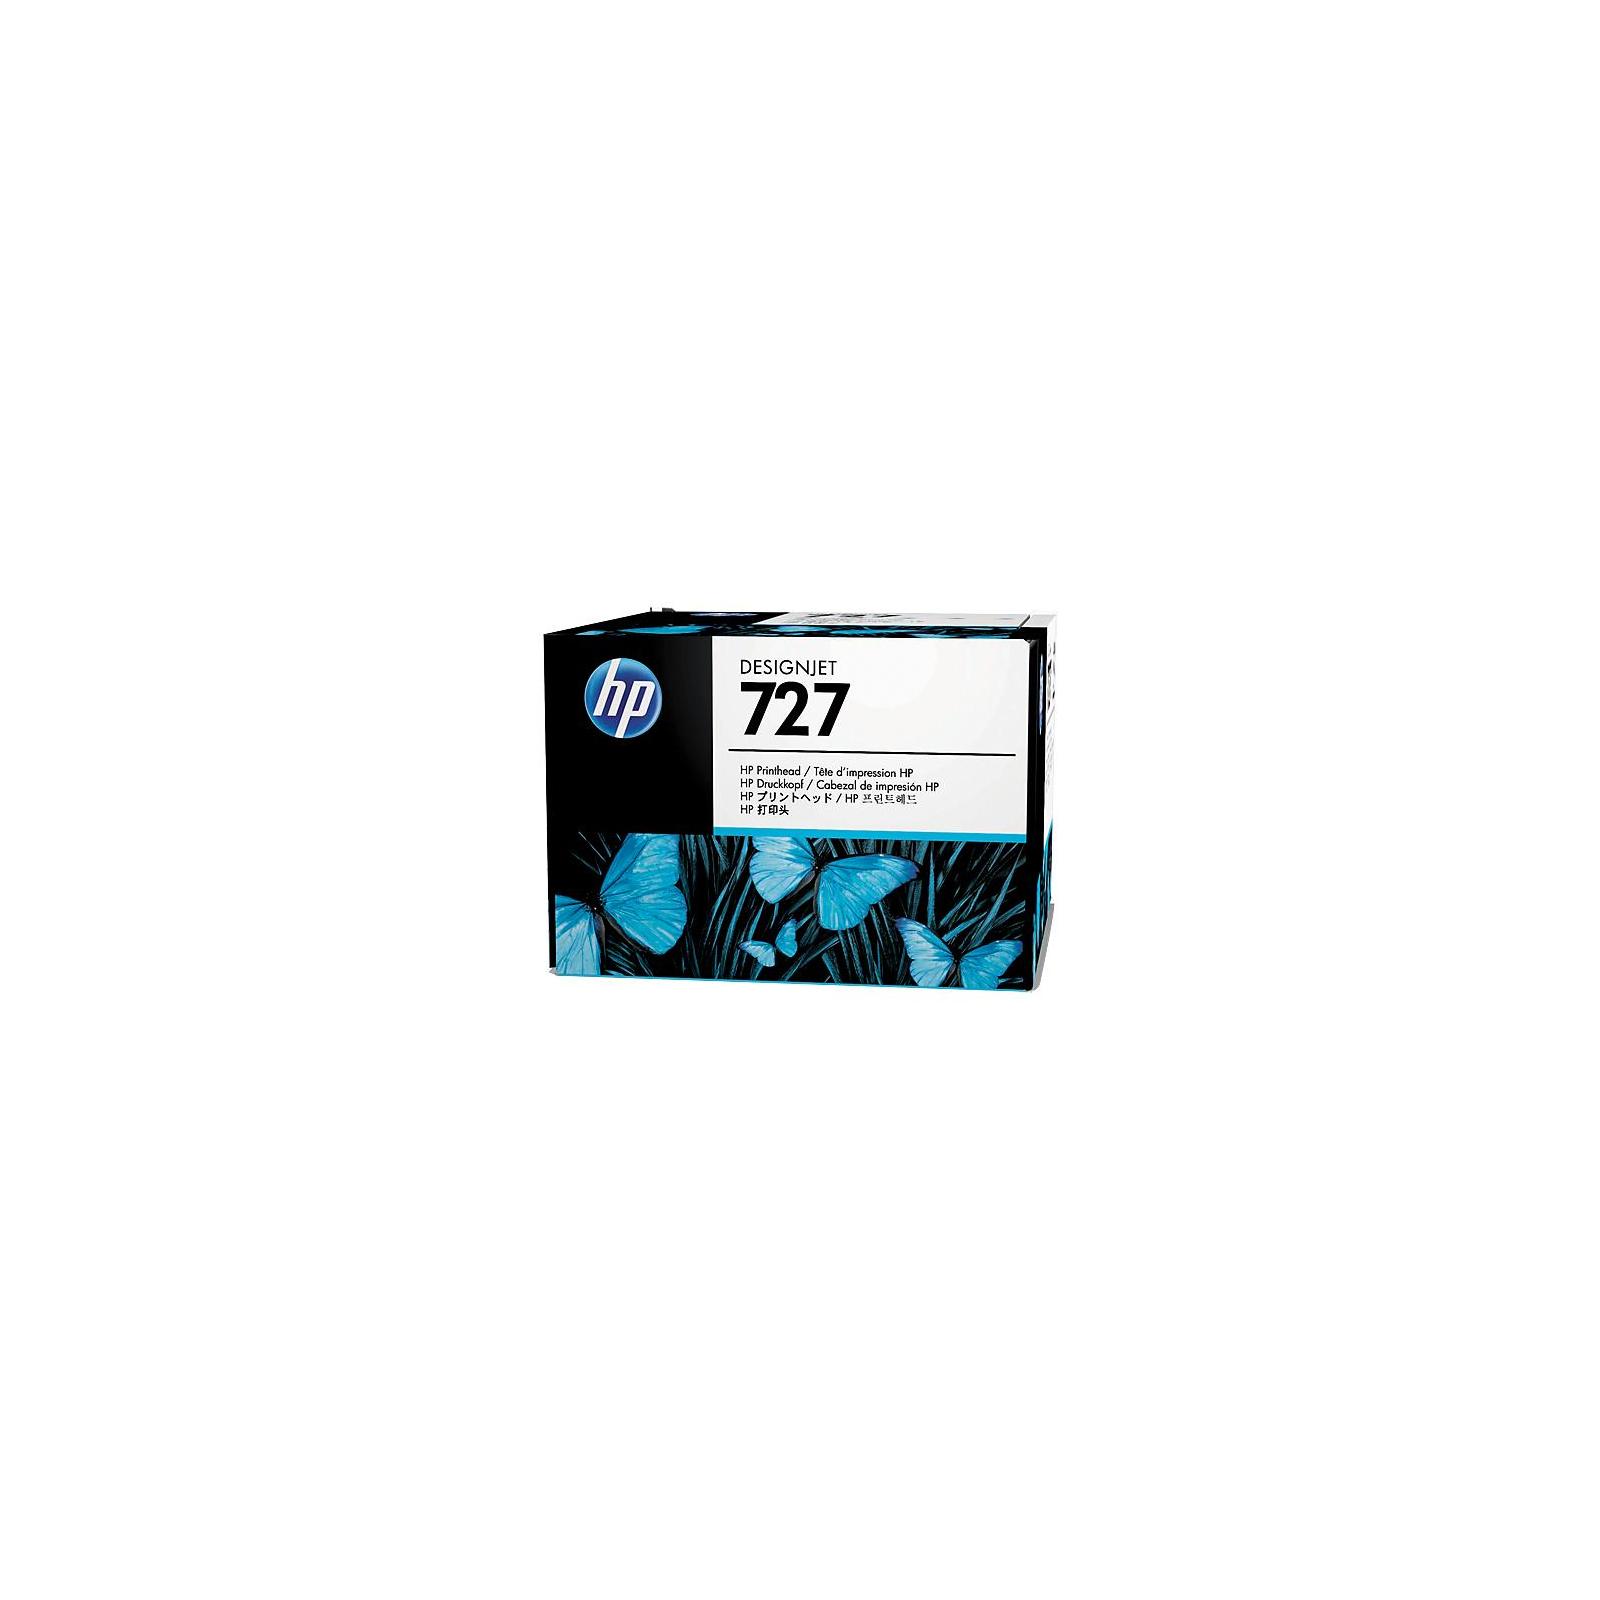 Печатающая головка HP No.727 Designjet T1500/T920 (B3P06A)